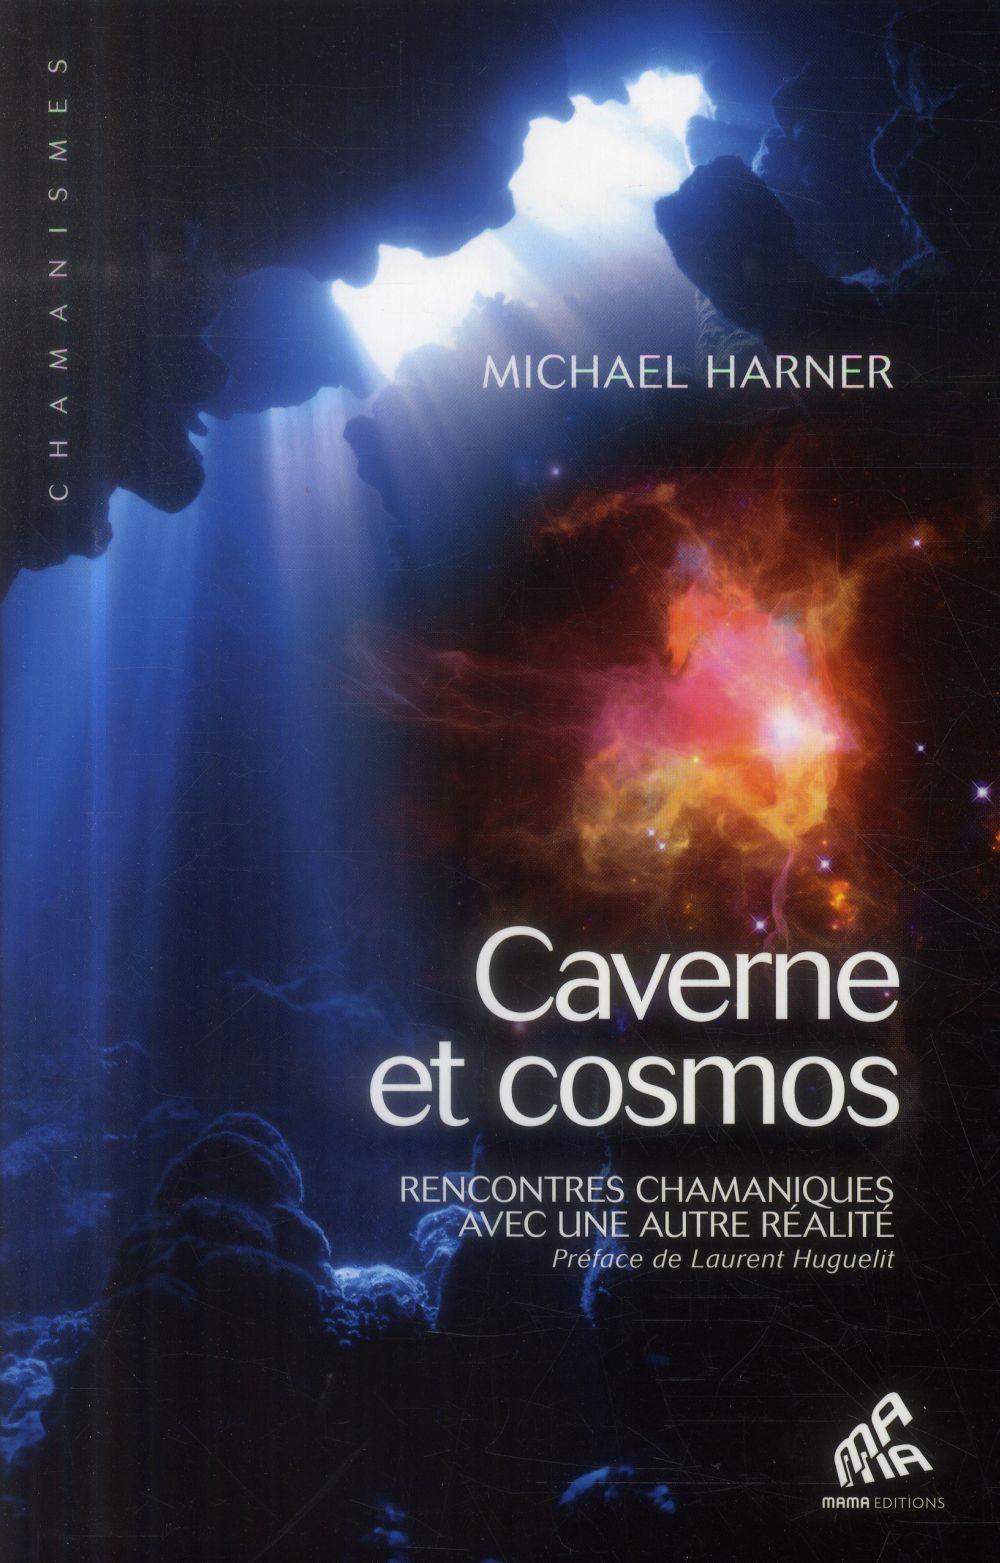 caverne et cosmos ; rencontres chamaniques avec une autre réalité